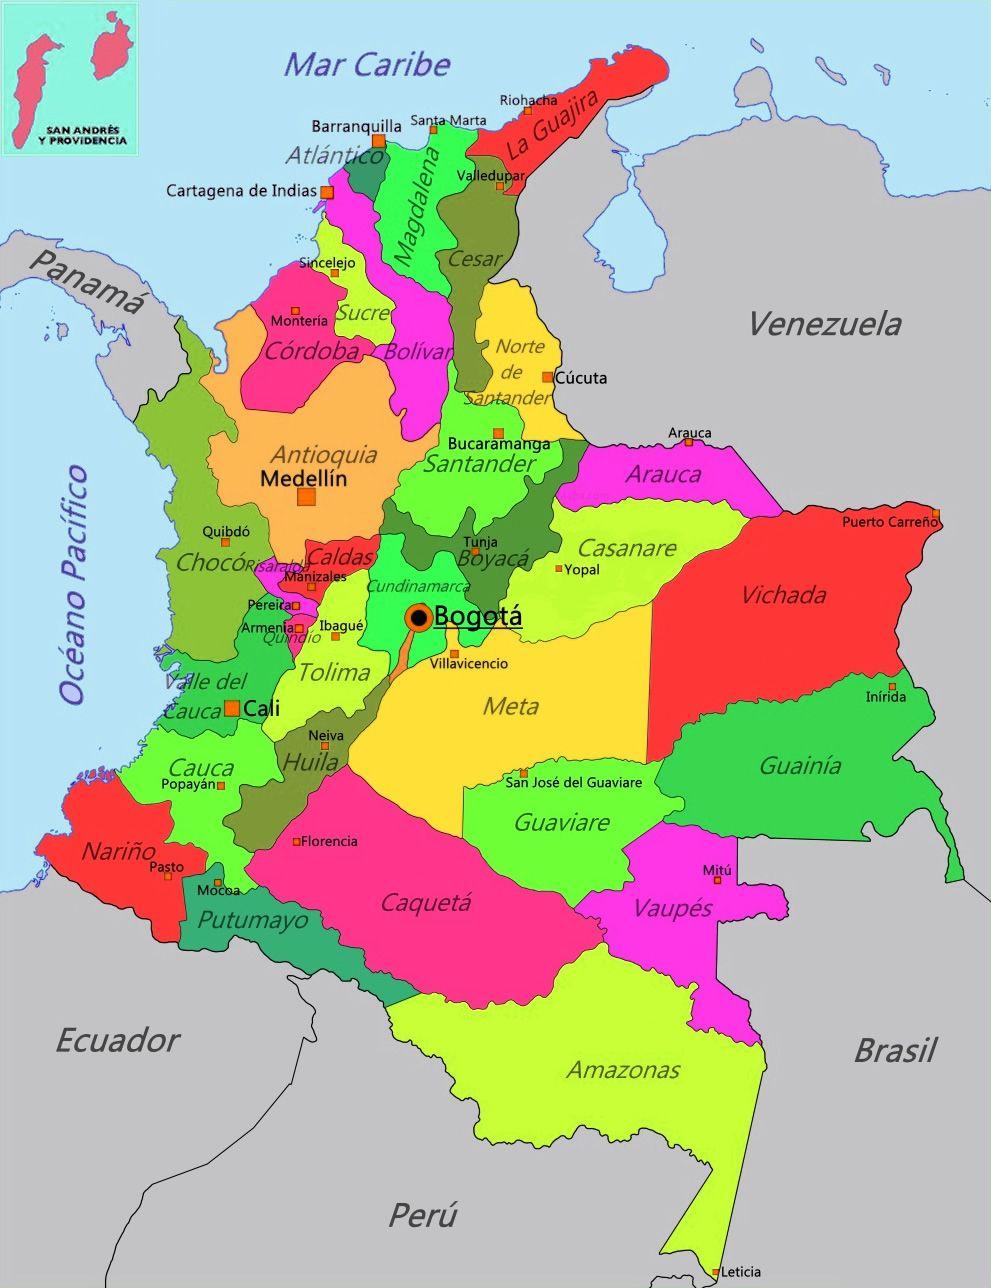 Mapa Politico Estados Unidos De Colombia.Mapa De Colombia Con Sus Departamentos Y Capitales En 2019